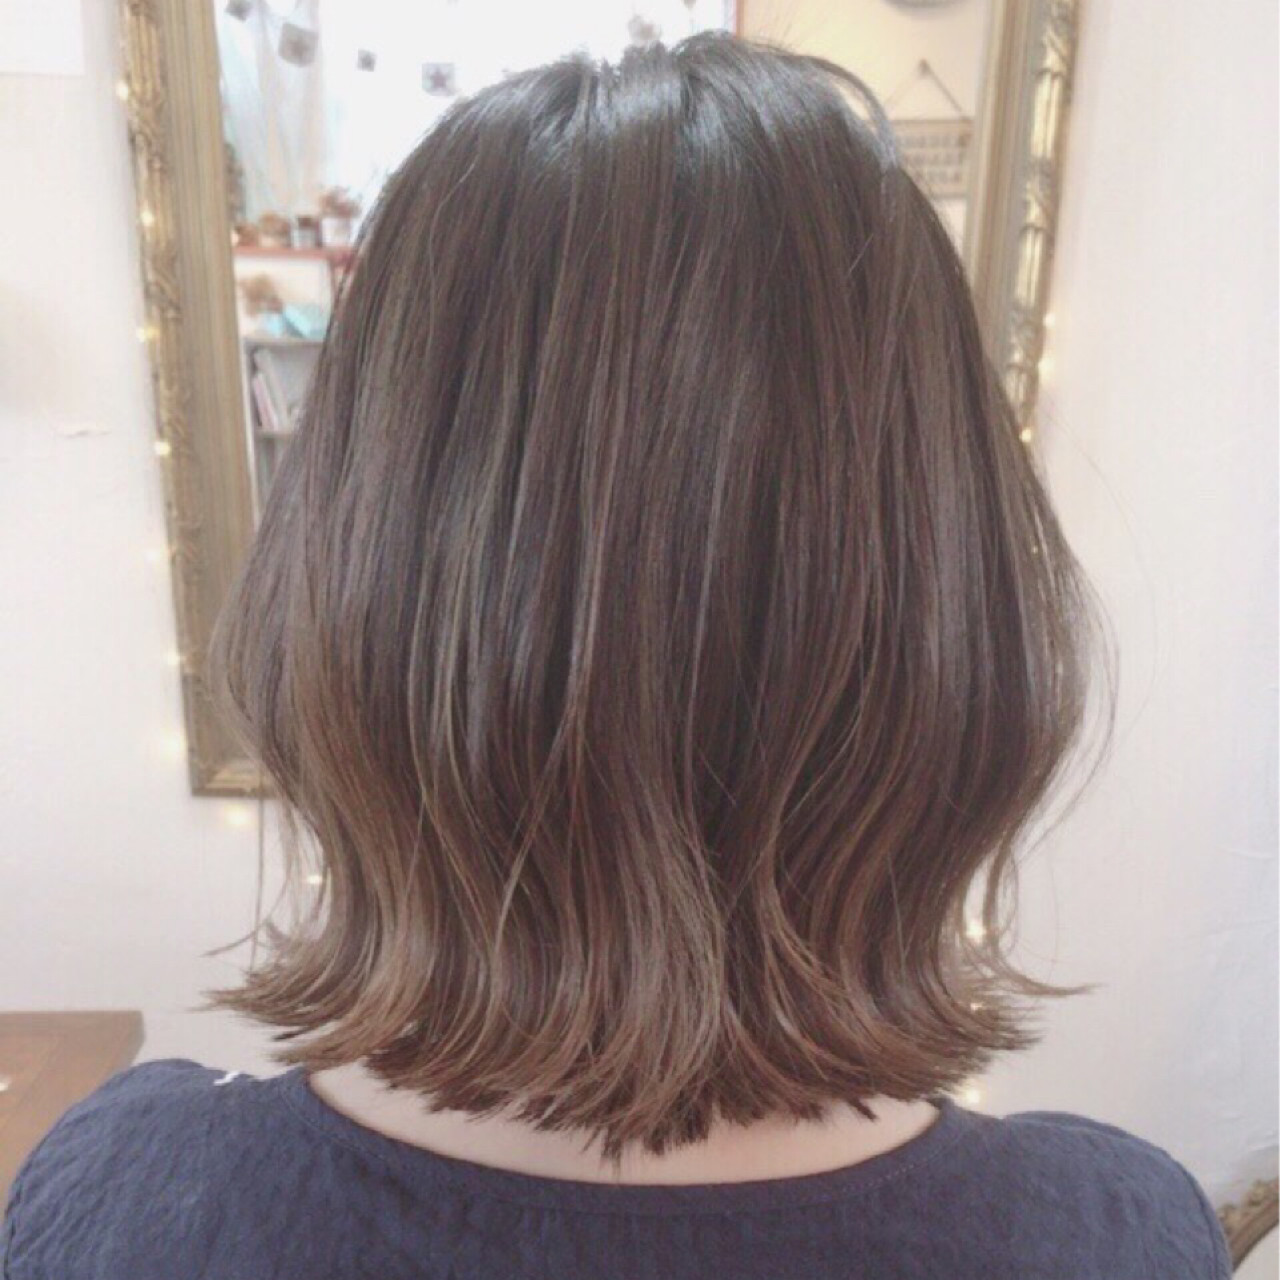 グレージュ インナーカラー ボブ ブリーチヘアスタイルや髪型の写真・画像